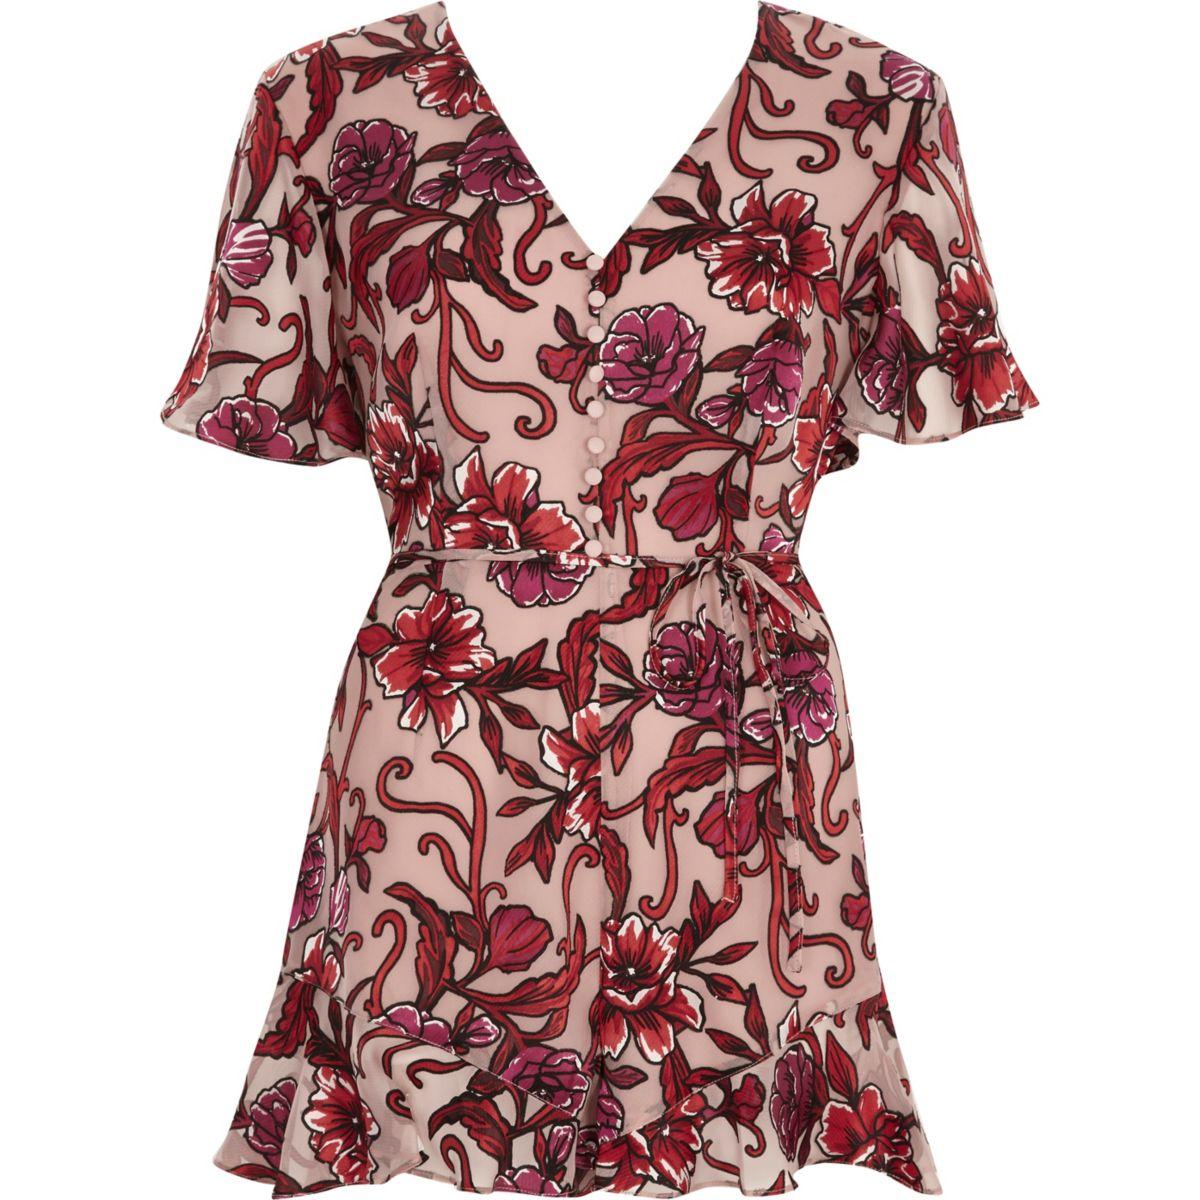 Pink floral devore tea dress style romper